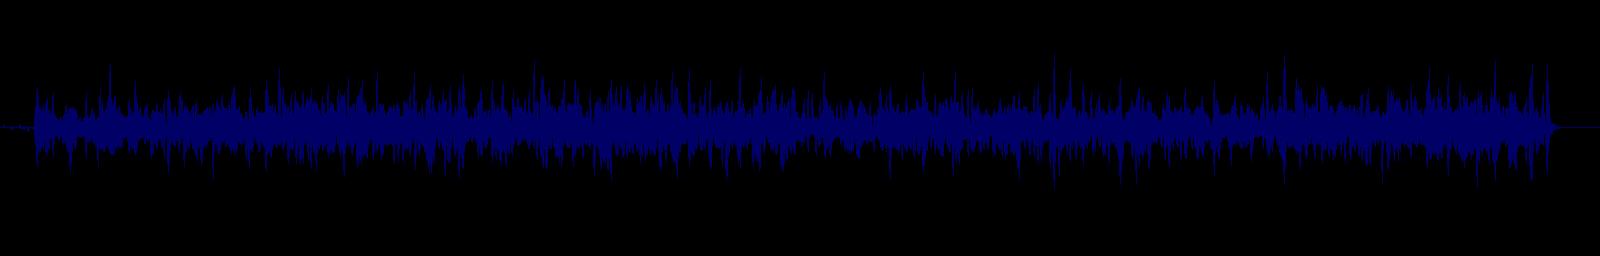 waveform of track #116023